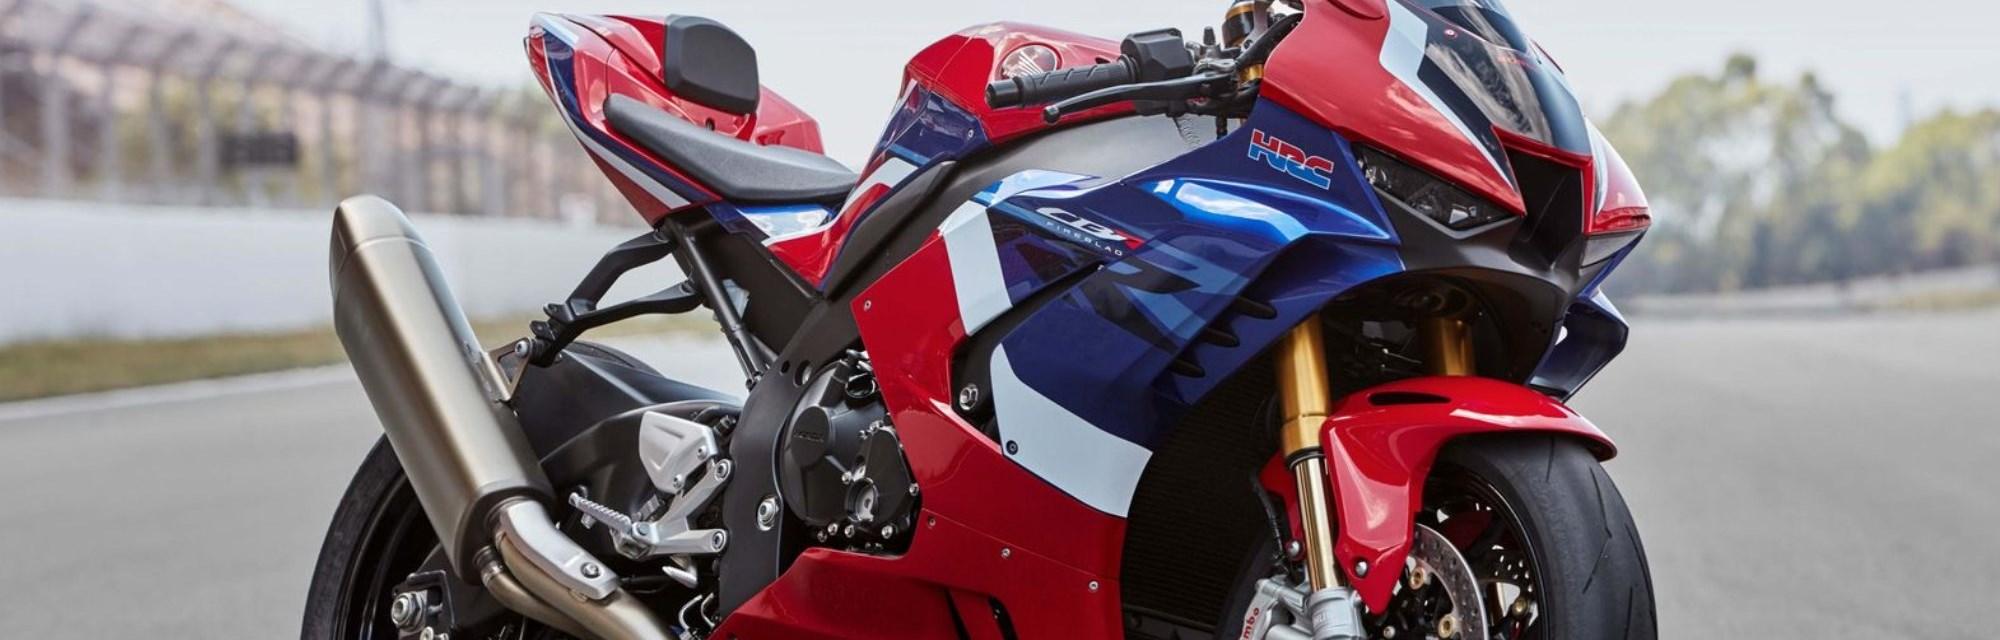 Die neue Honda CBR 1000RR-R  Fireblade ab 23'970 CHF / SP 2020 ab 28'410 CHF vorbestellen.